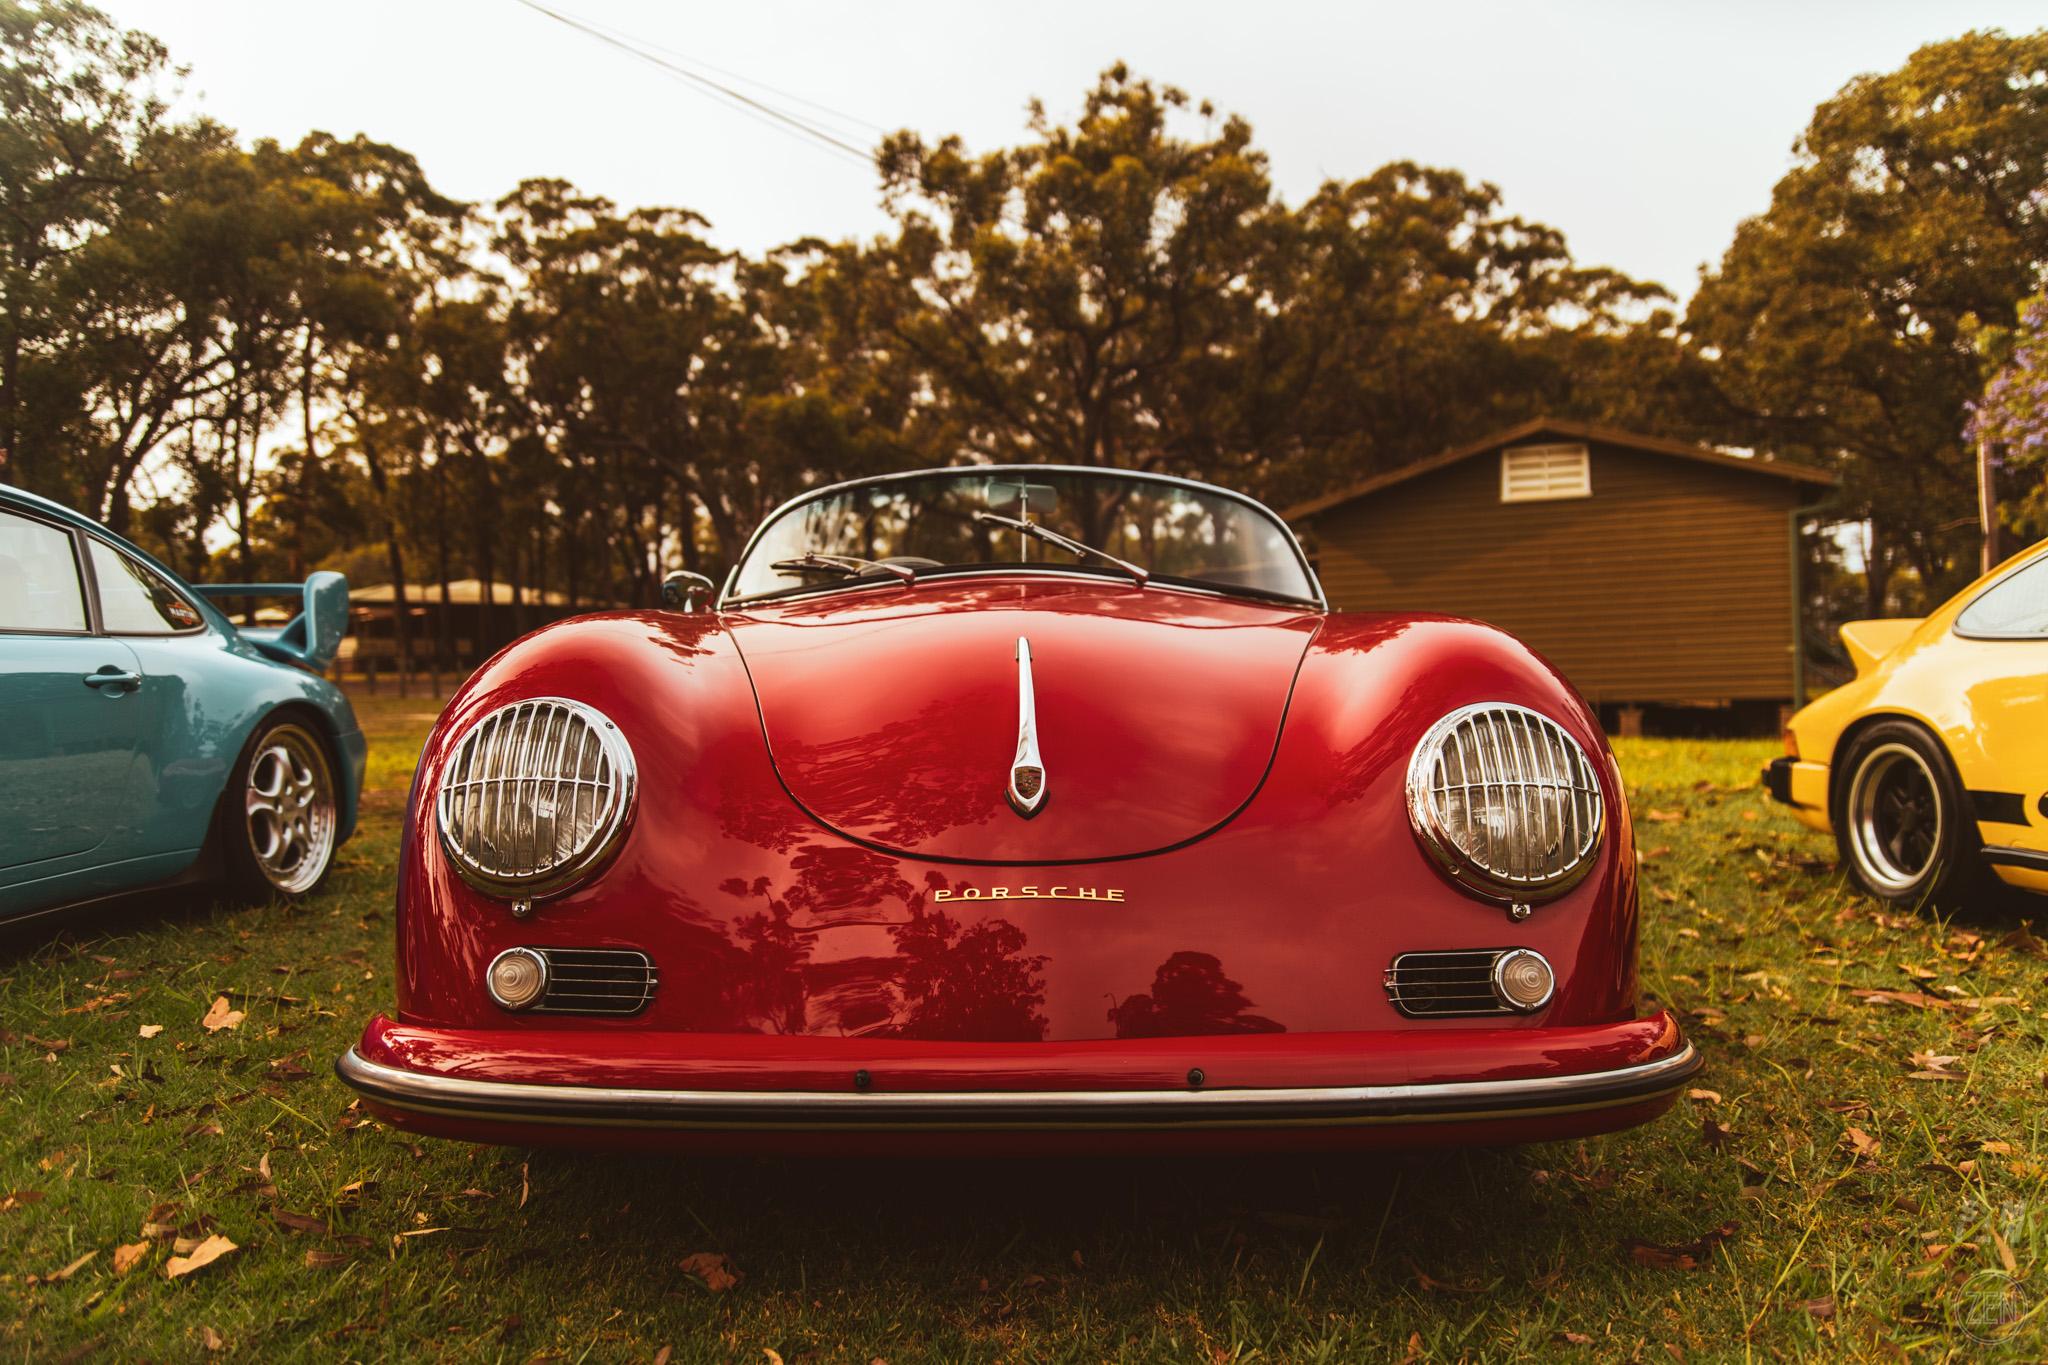 2019-12-08 - Porsches & Coffee 037